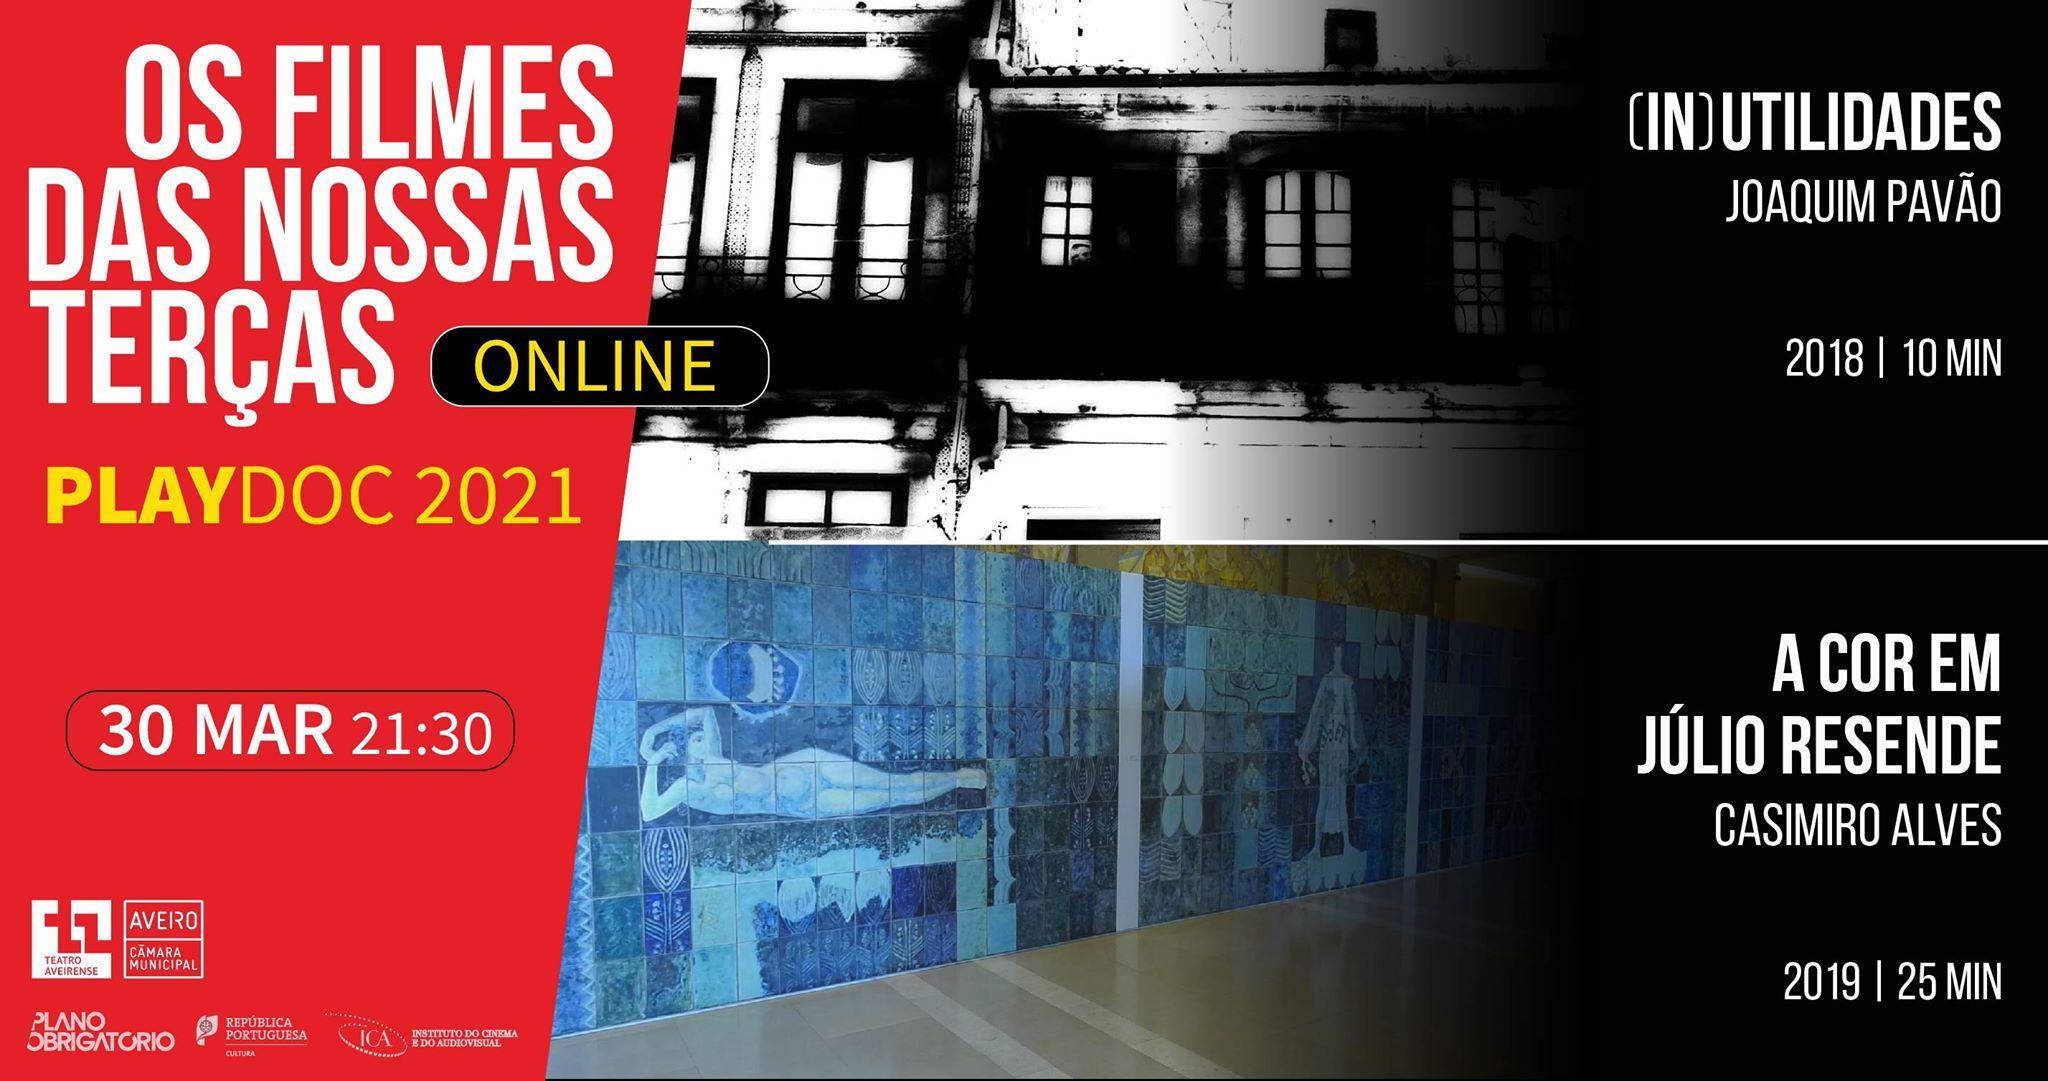 Os Filmes das Nossas Terças // Playdoc 2021 // '(In)utilidades' + 'A Cor em Júlio Resende'